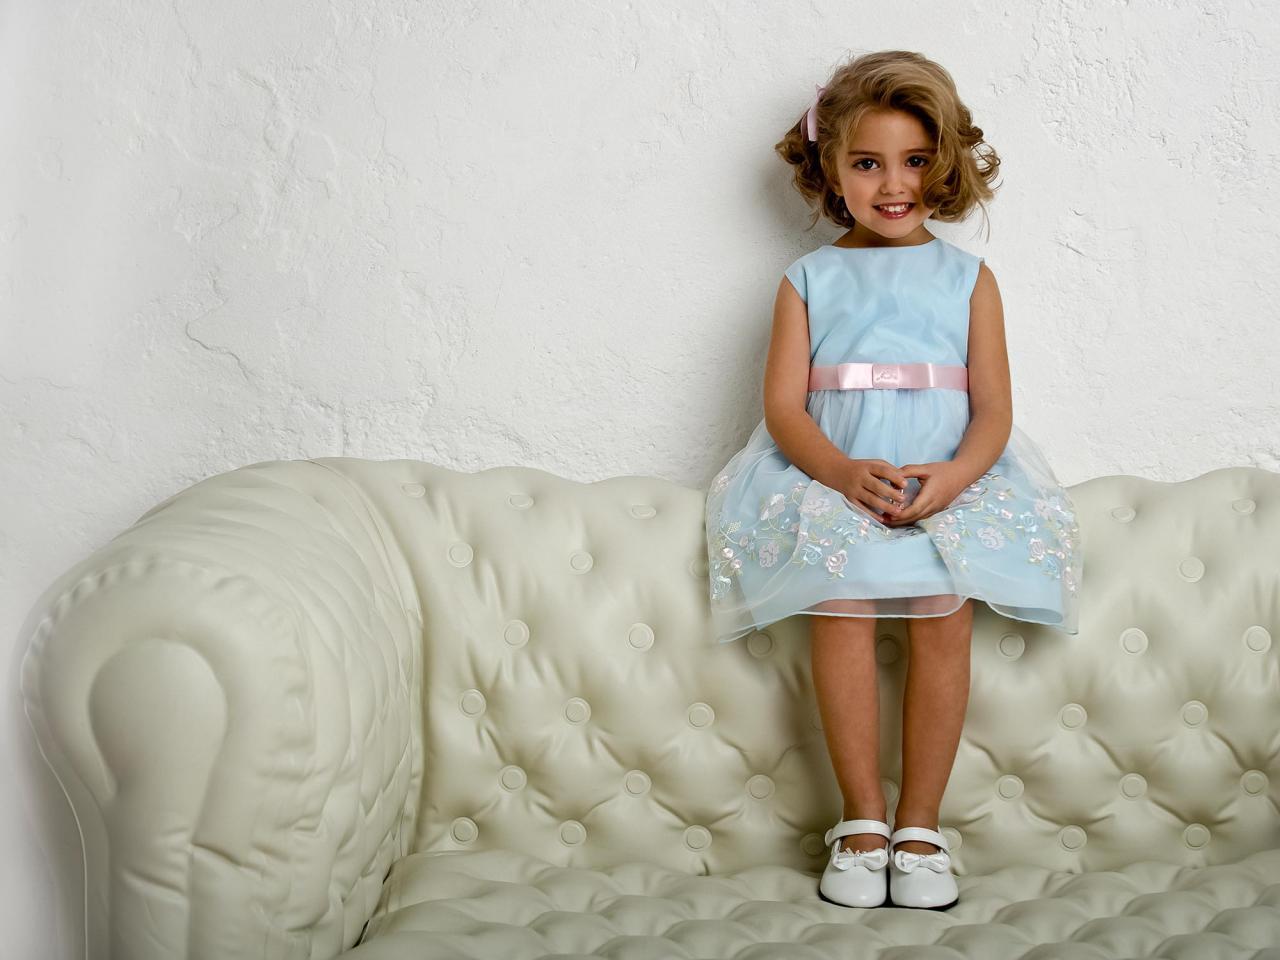 صور صور البسة اطفال , احدث البسة اطفال بالصور